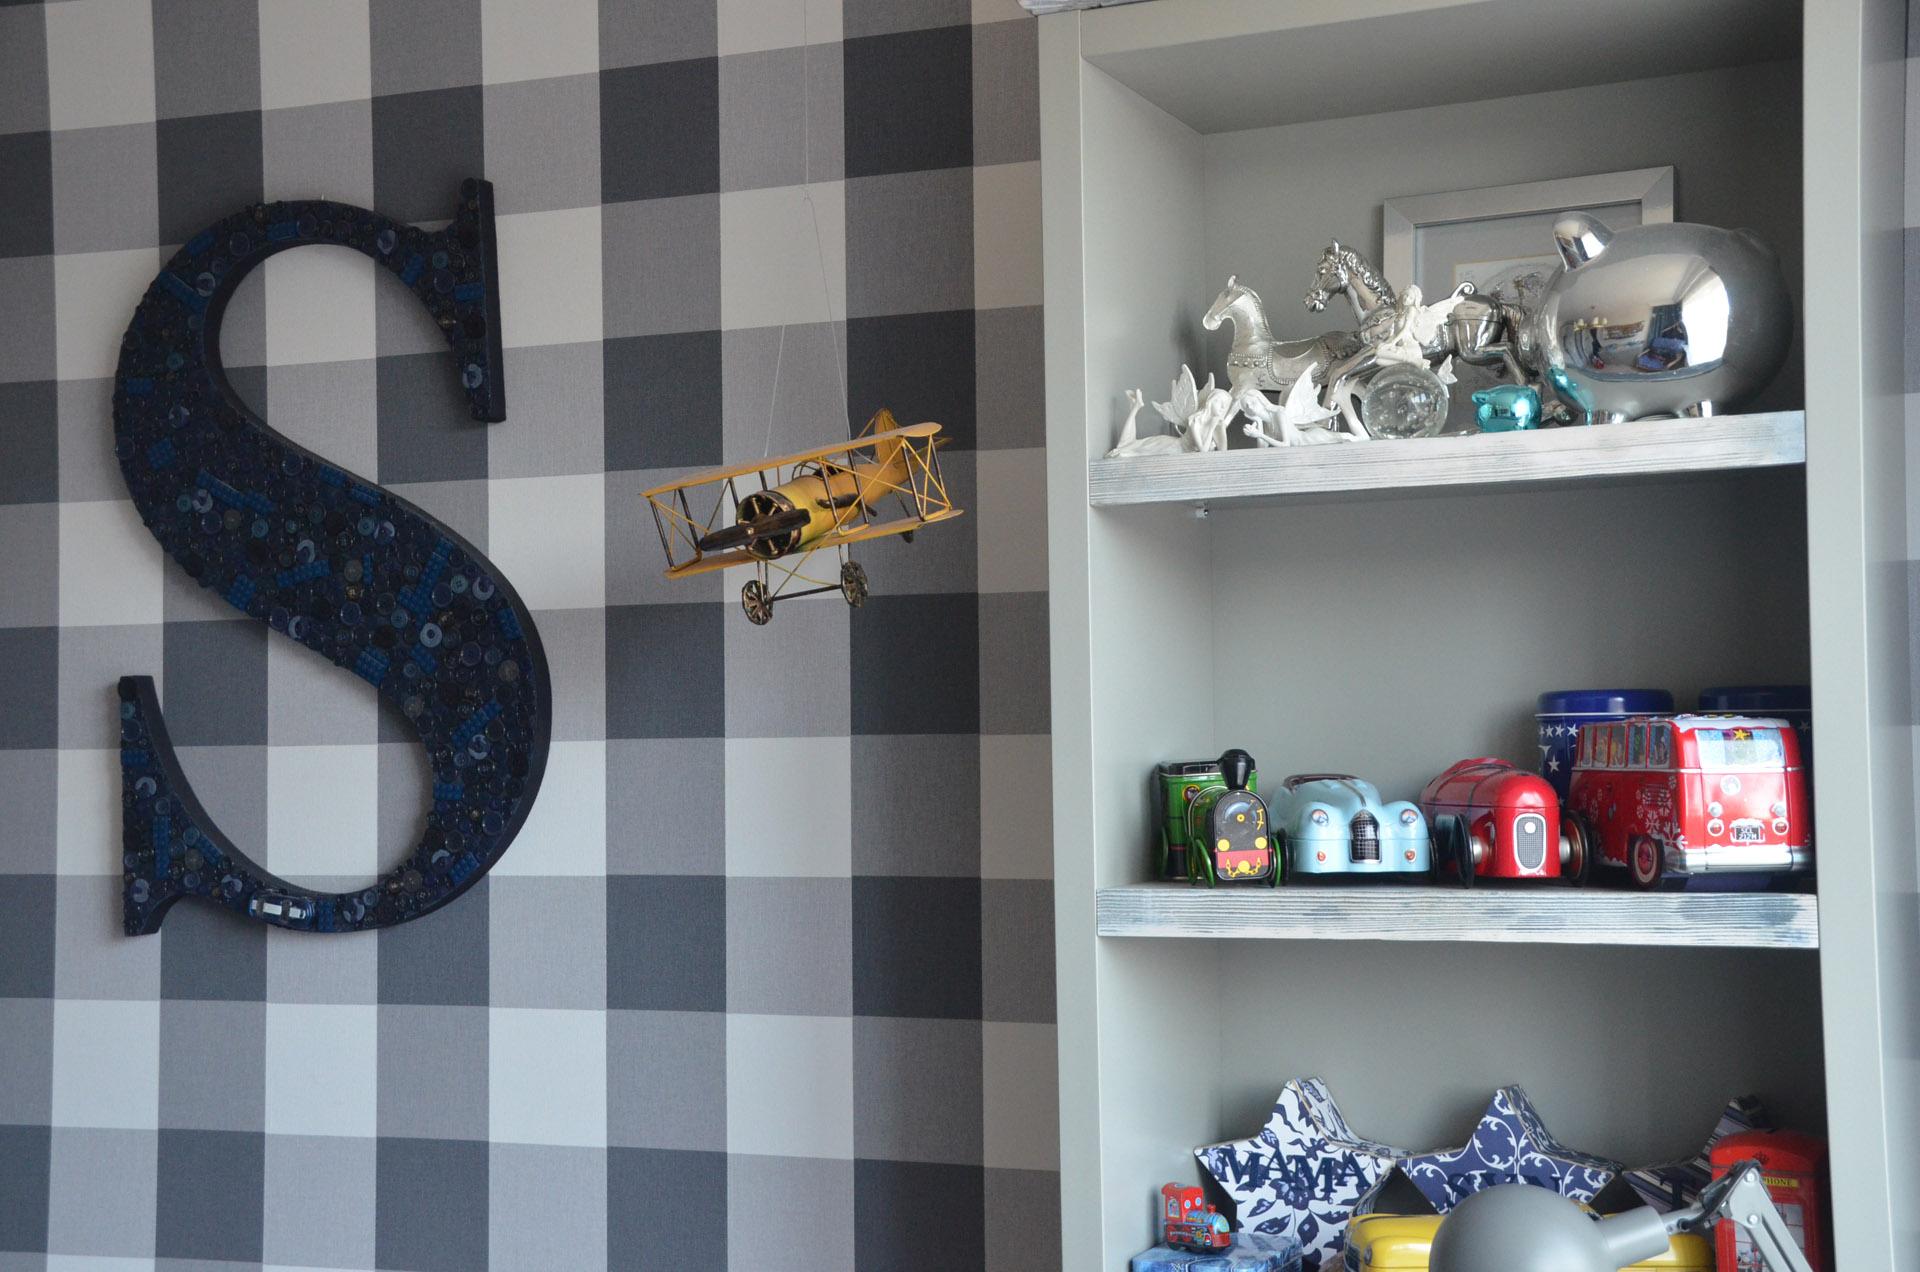 Mocna tapeta stanowi tło dla szarych mebli w dziecięcym pokoju